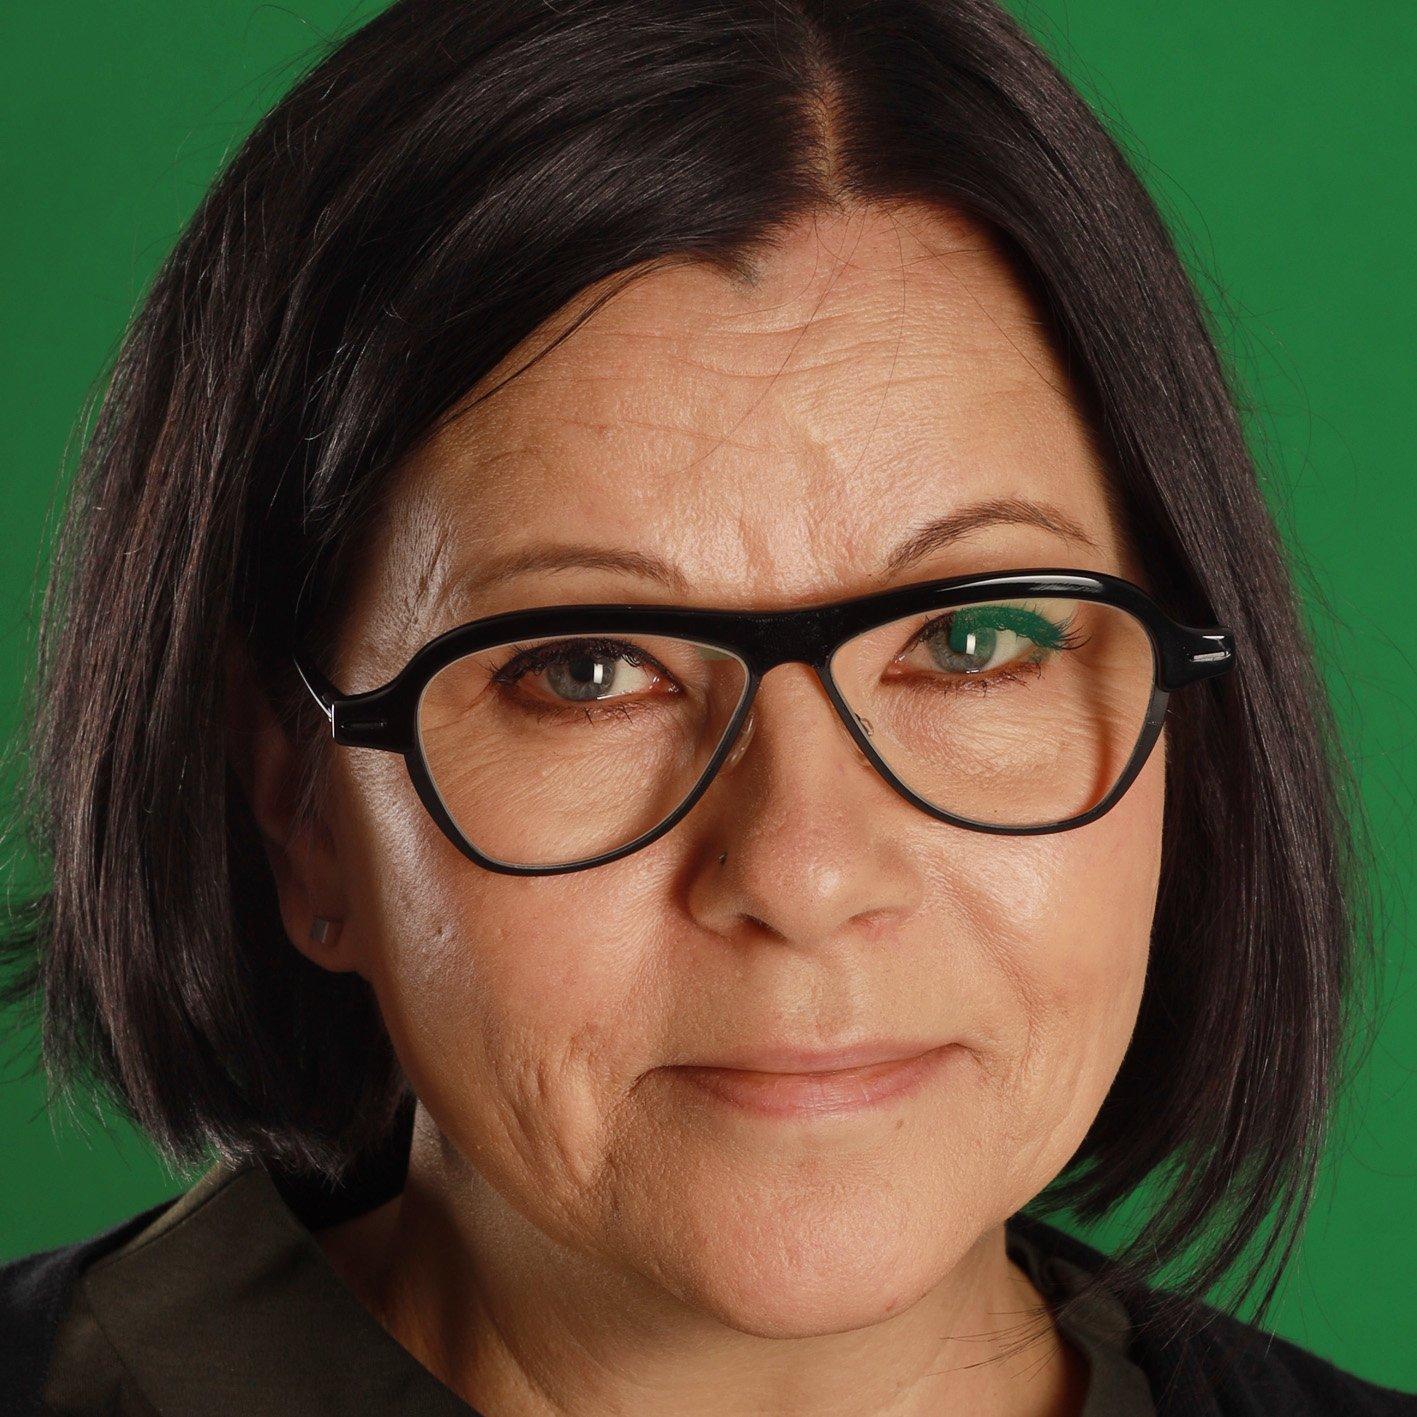 Ani Karjalainen